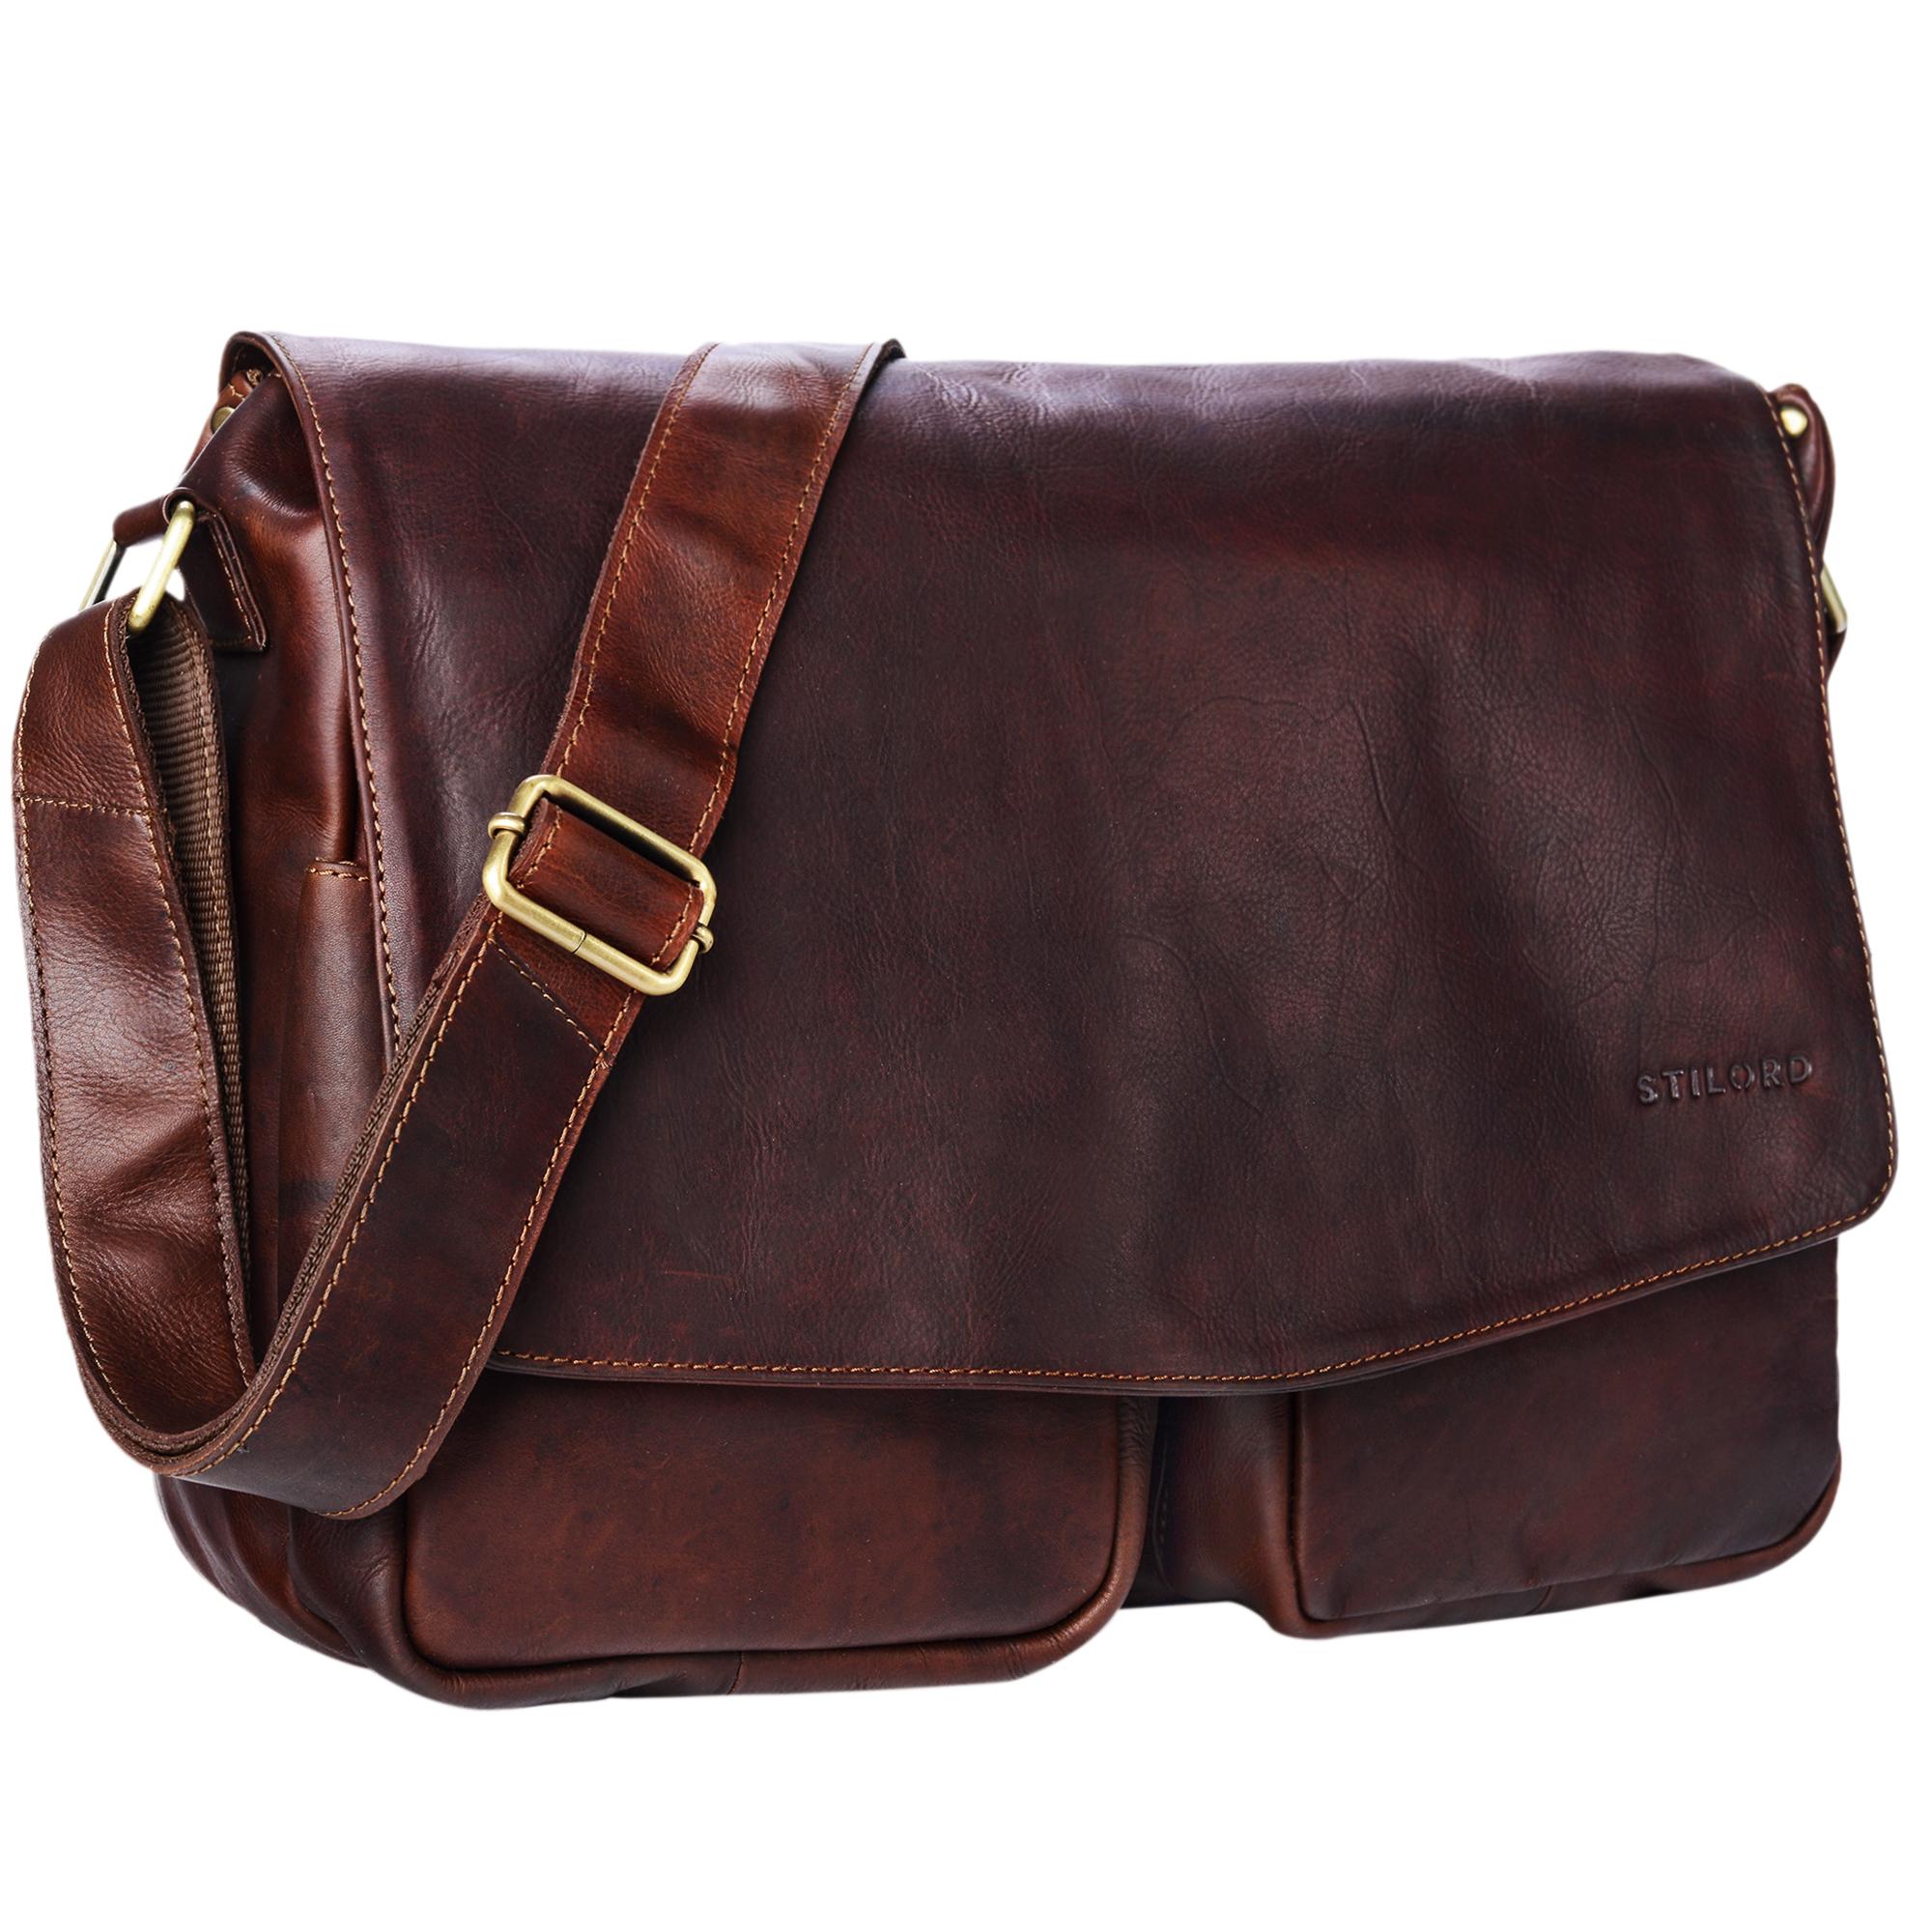 """STILORD """"Leonardo"""" Herren Ledertasche Umhängetasche Vintage große Businesstasche für Büro Arbeit Uni mit 15.6 Zoll Laptopfach aus echtem Büffel Leder - Bild 8"""